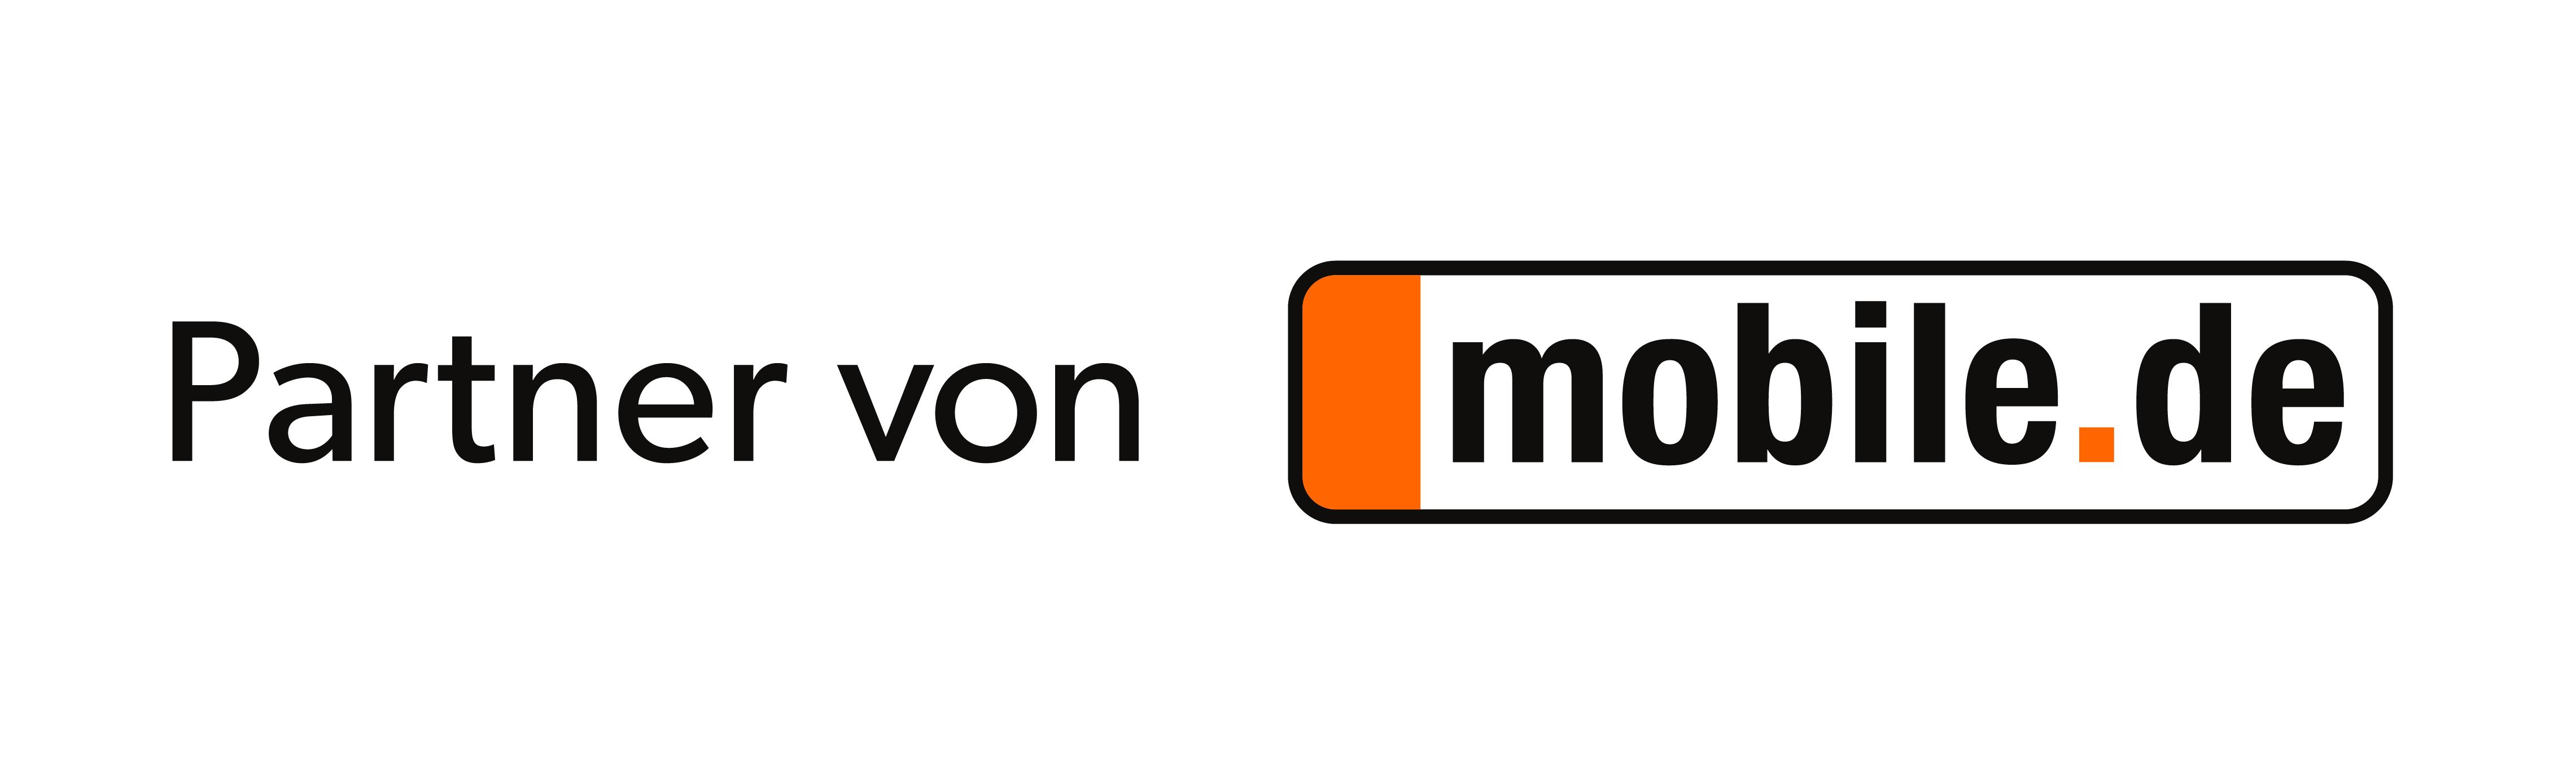 Partner von Mobile.de MotorVerkauf seit 2018